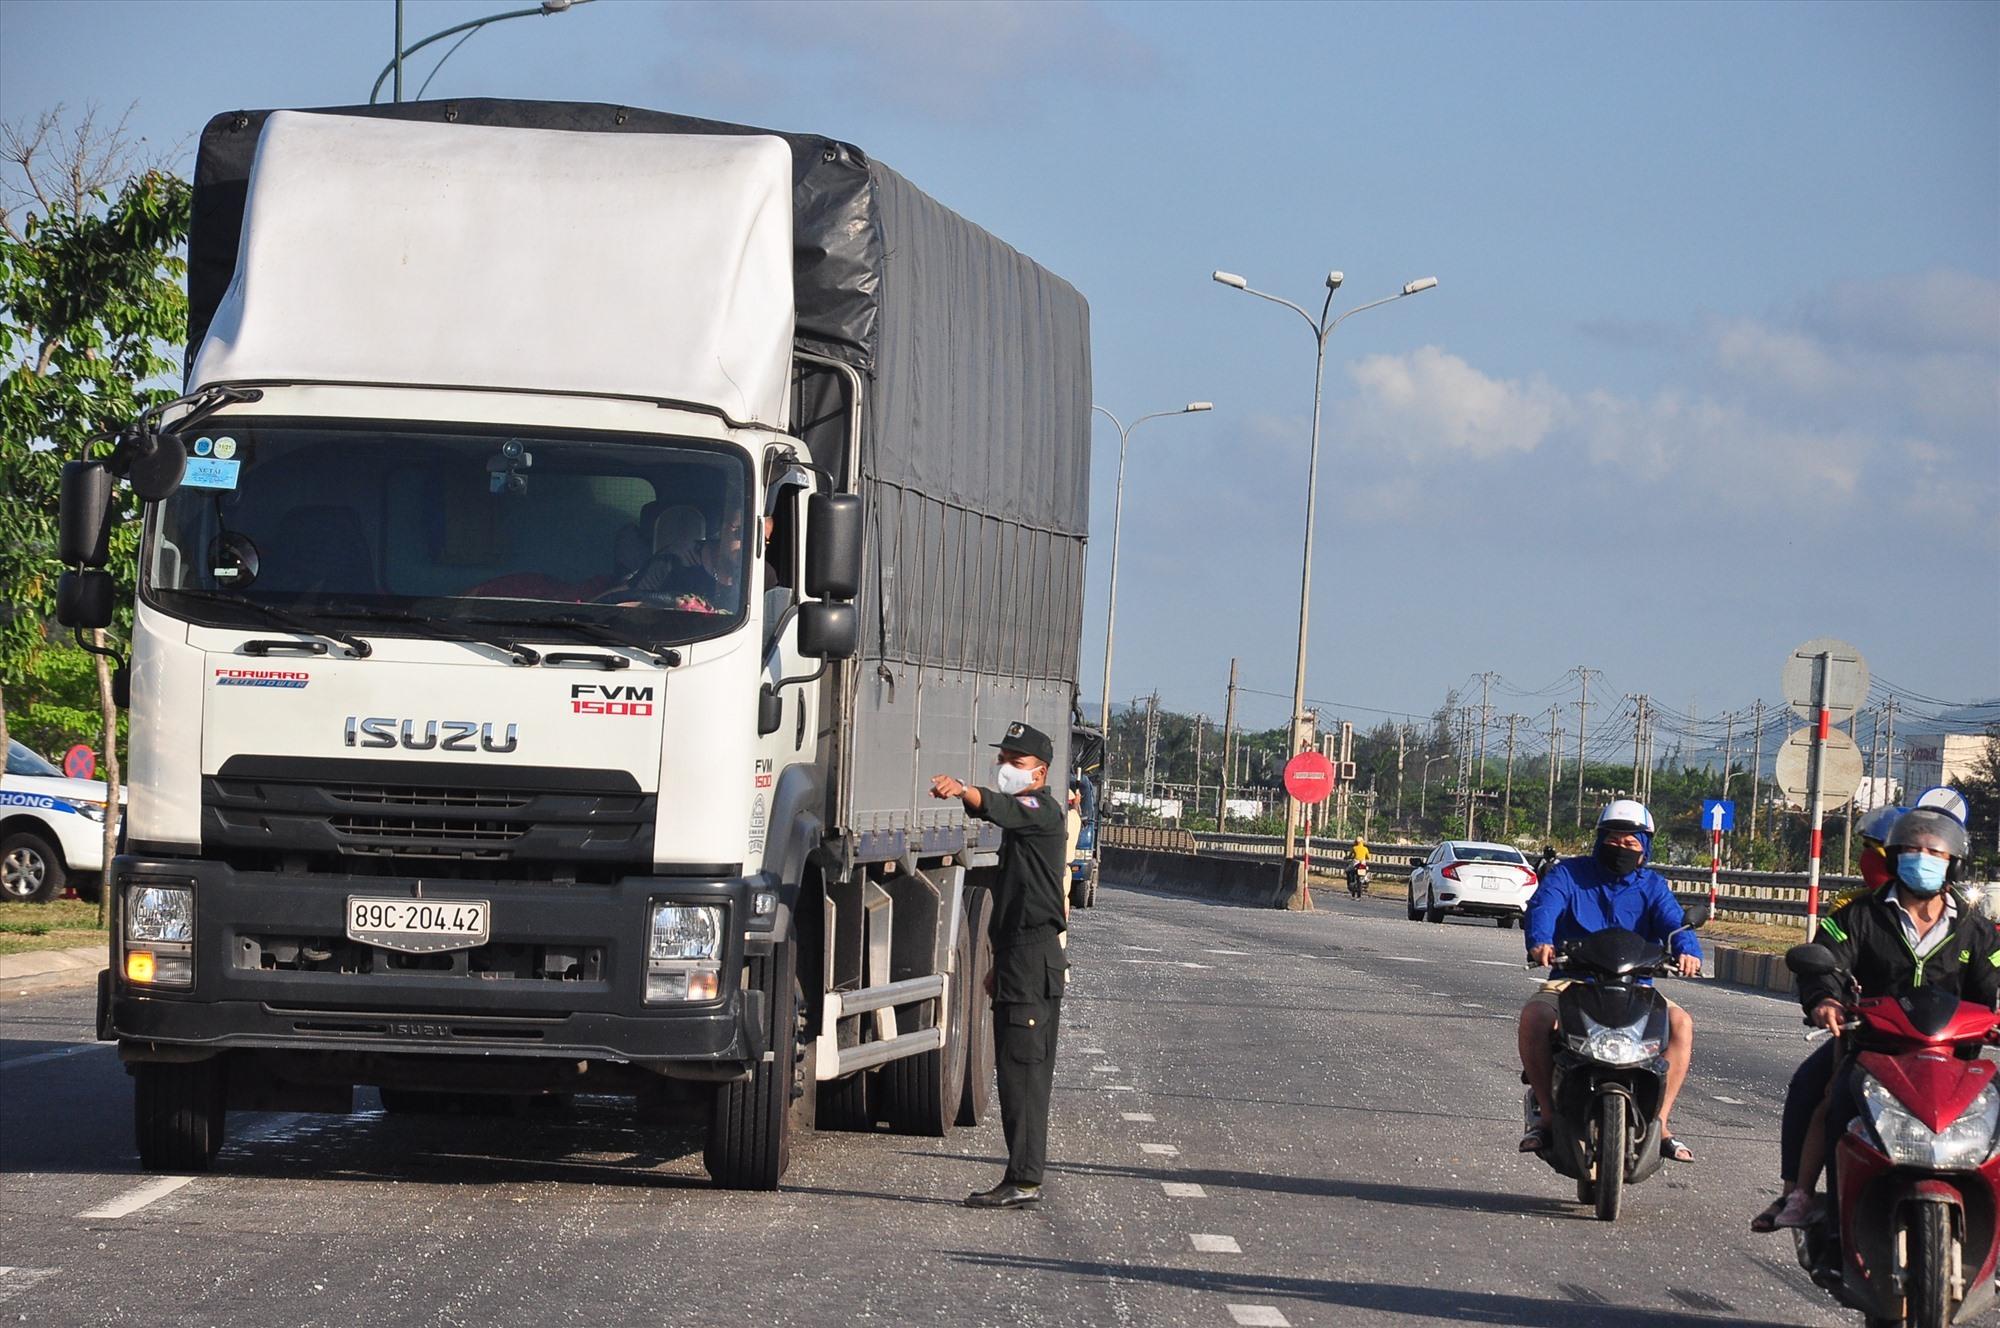 Giữa cái nắng chói chang, một chiến sĩ cảnh sát cơ động đang hướng dẫn tài xế xe tải chấp hành việc kiểm soát dịch bệnh Covid-19 tại chốt kiểm soát phía nam. Ảnh: V.A